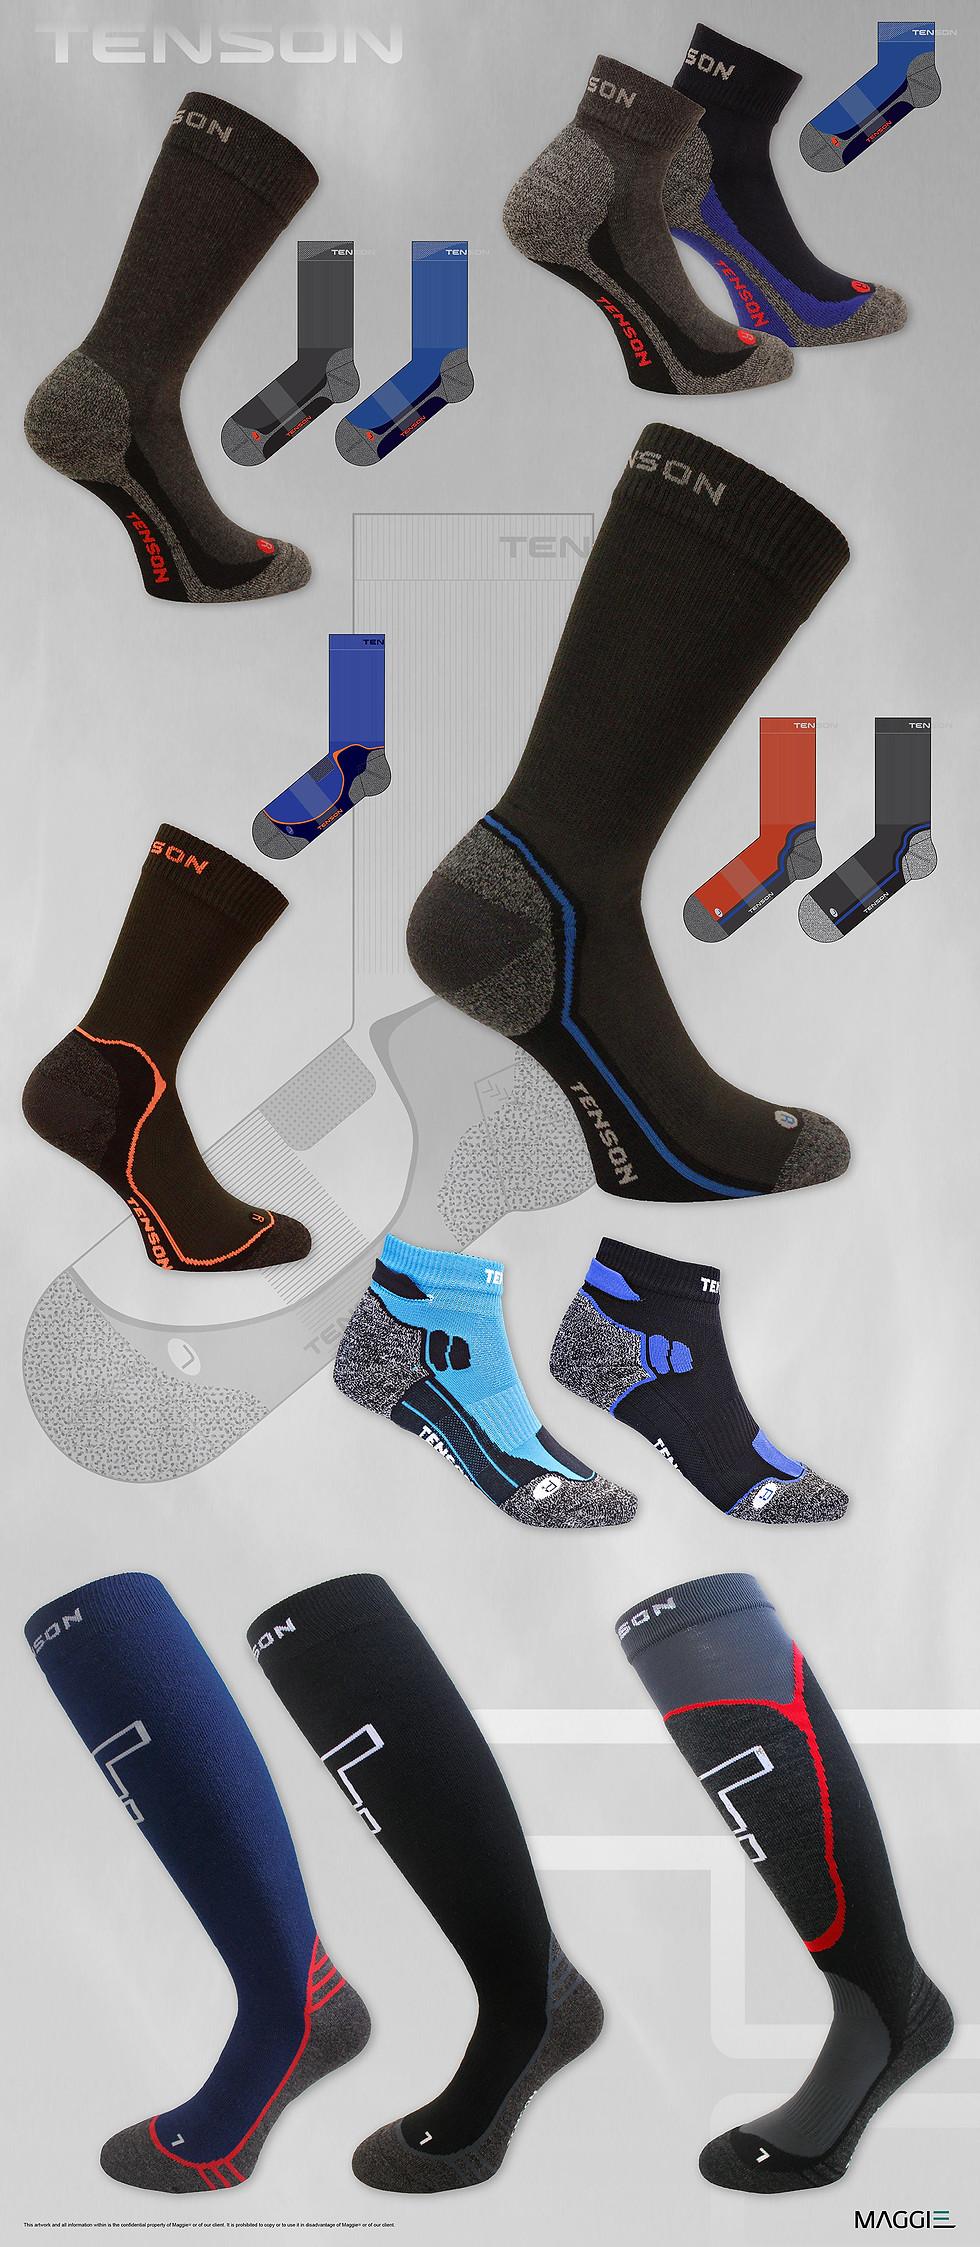 Tenson-socks-s.jpg